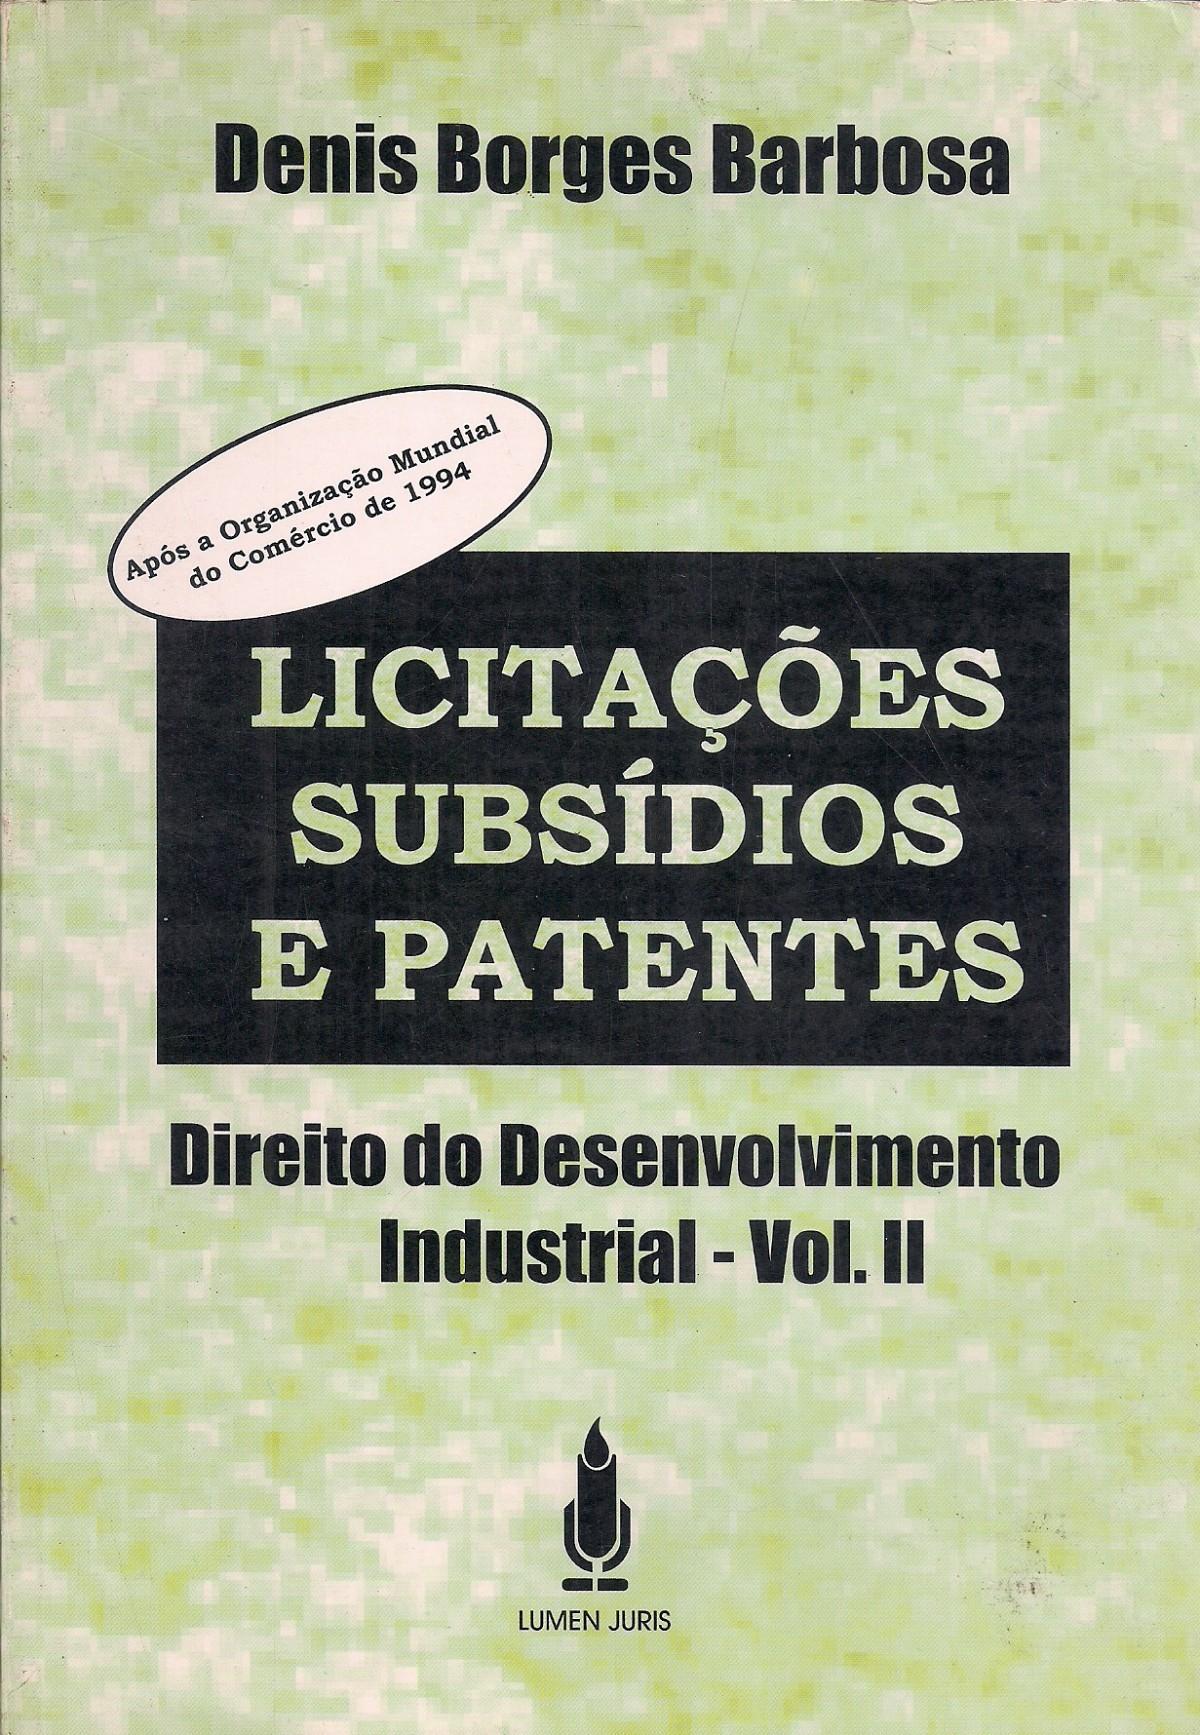 Foto 1 - Licitações Subsídios e Patentes - Direito do Desenvolvimento Industrial - Vol. II